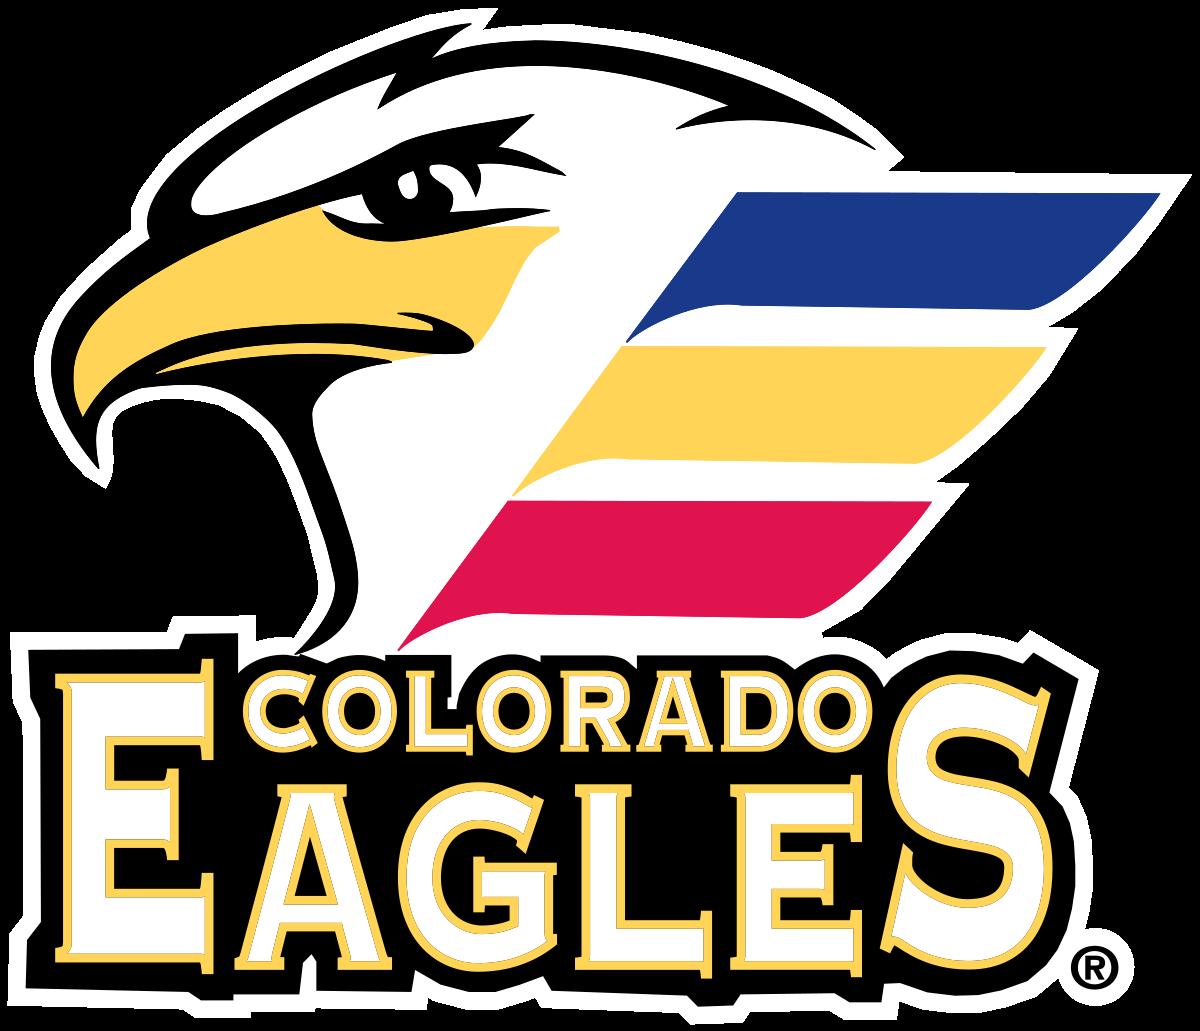 1200px-Colorado_Eagles_logo.svg.png